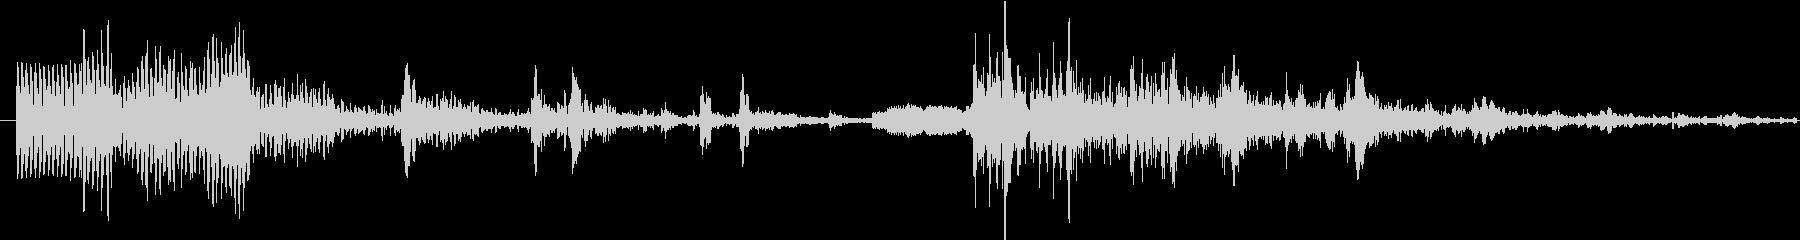 イメージ クレイジートーク10の未再生の波形